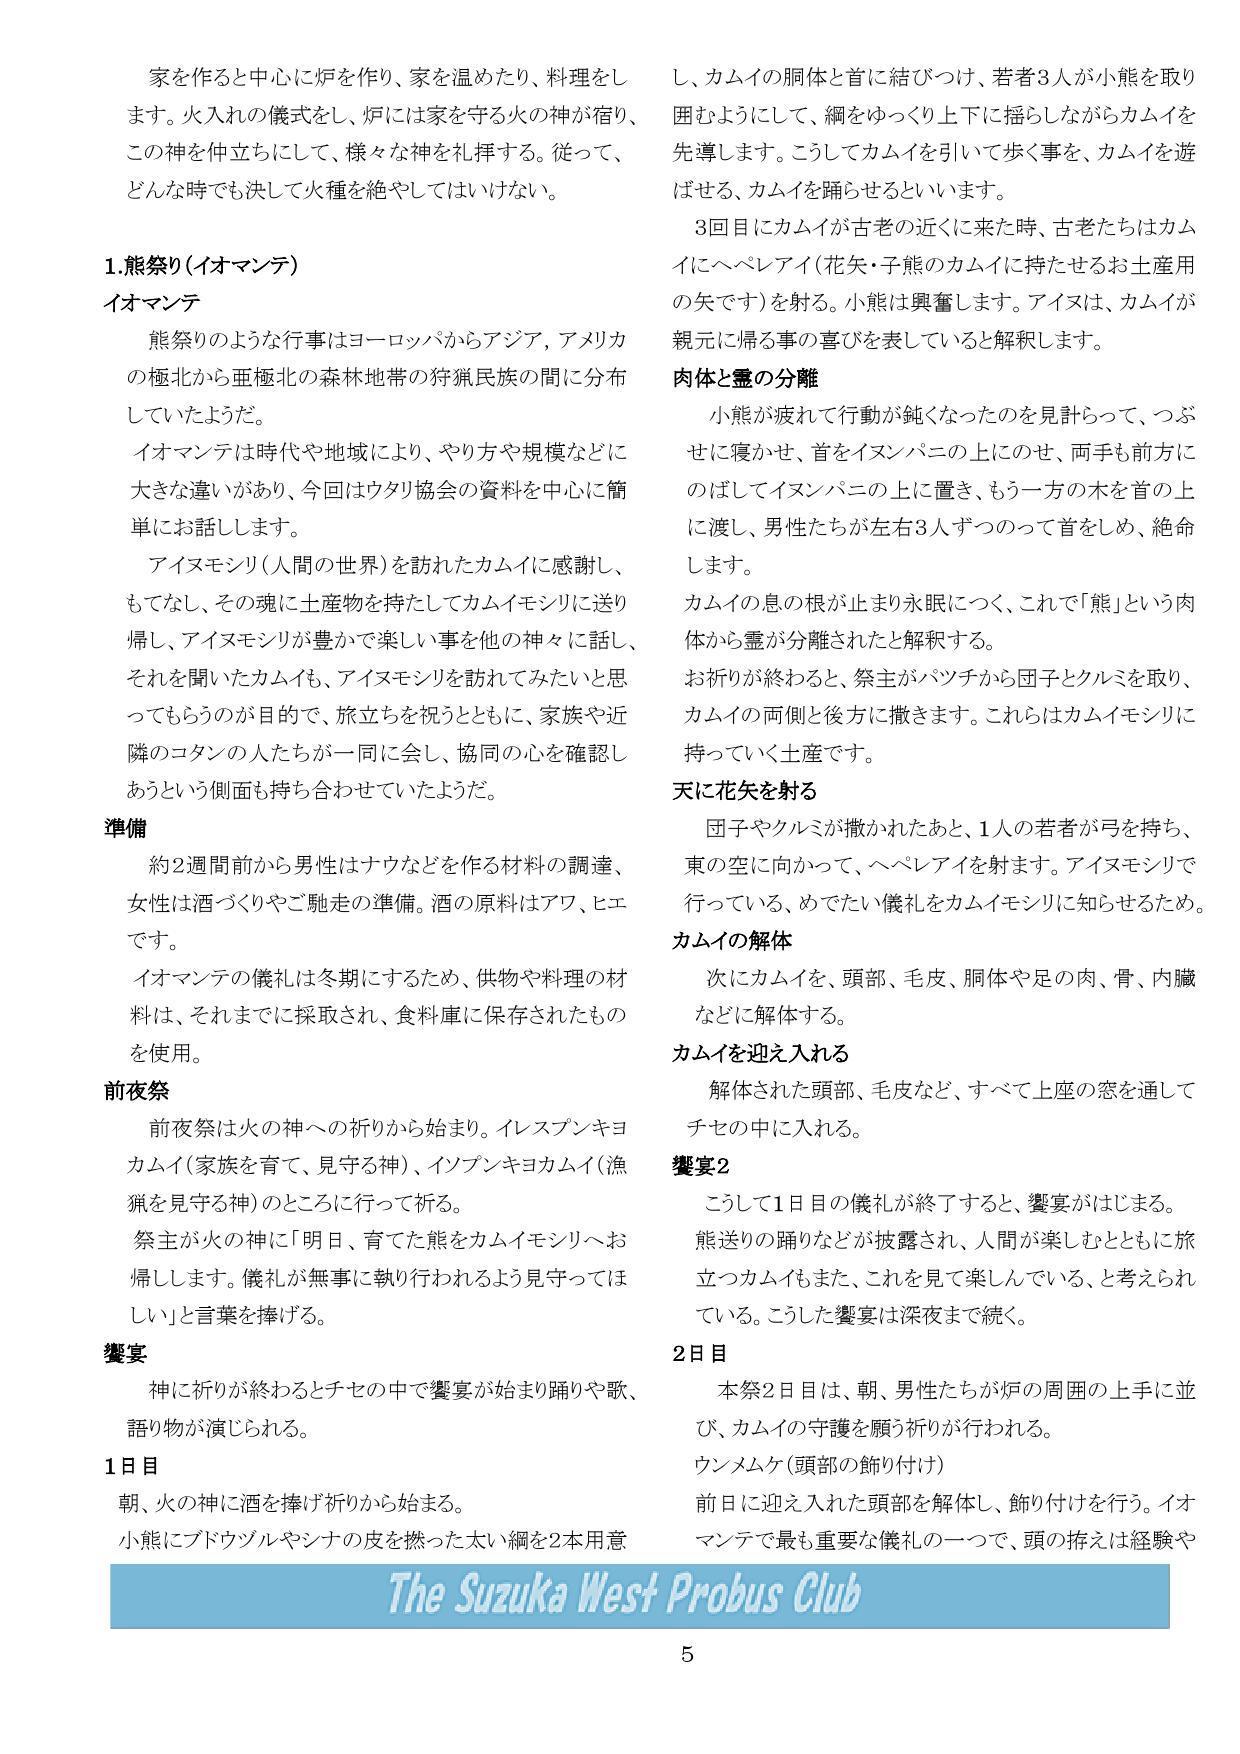 鈴鹿西プロバスクラブ会報 第248号 2021年5月1日_b0000714_10553777.jpg